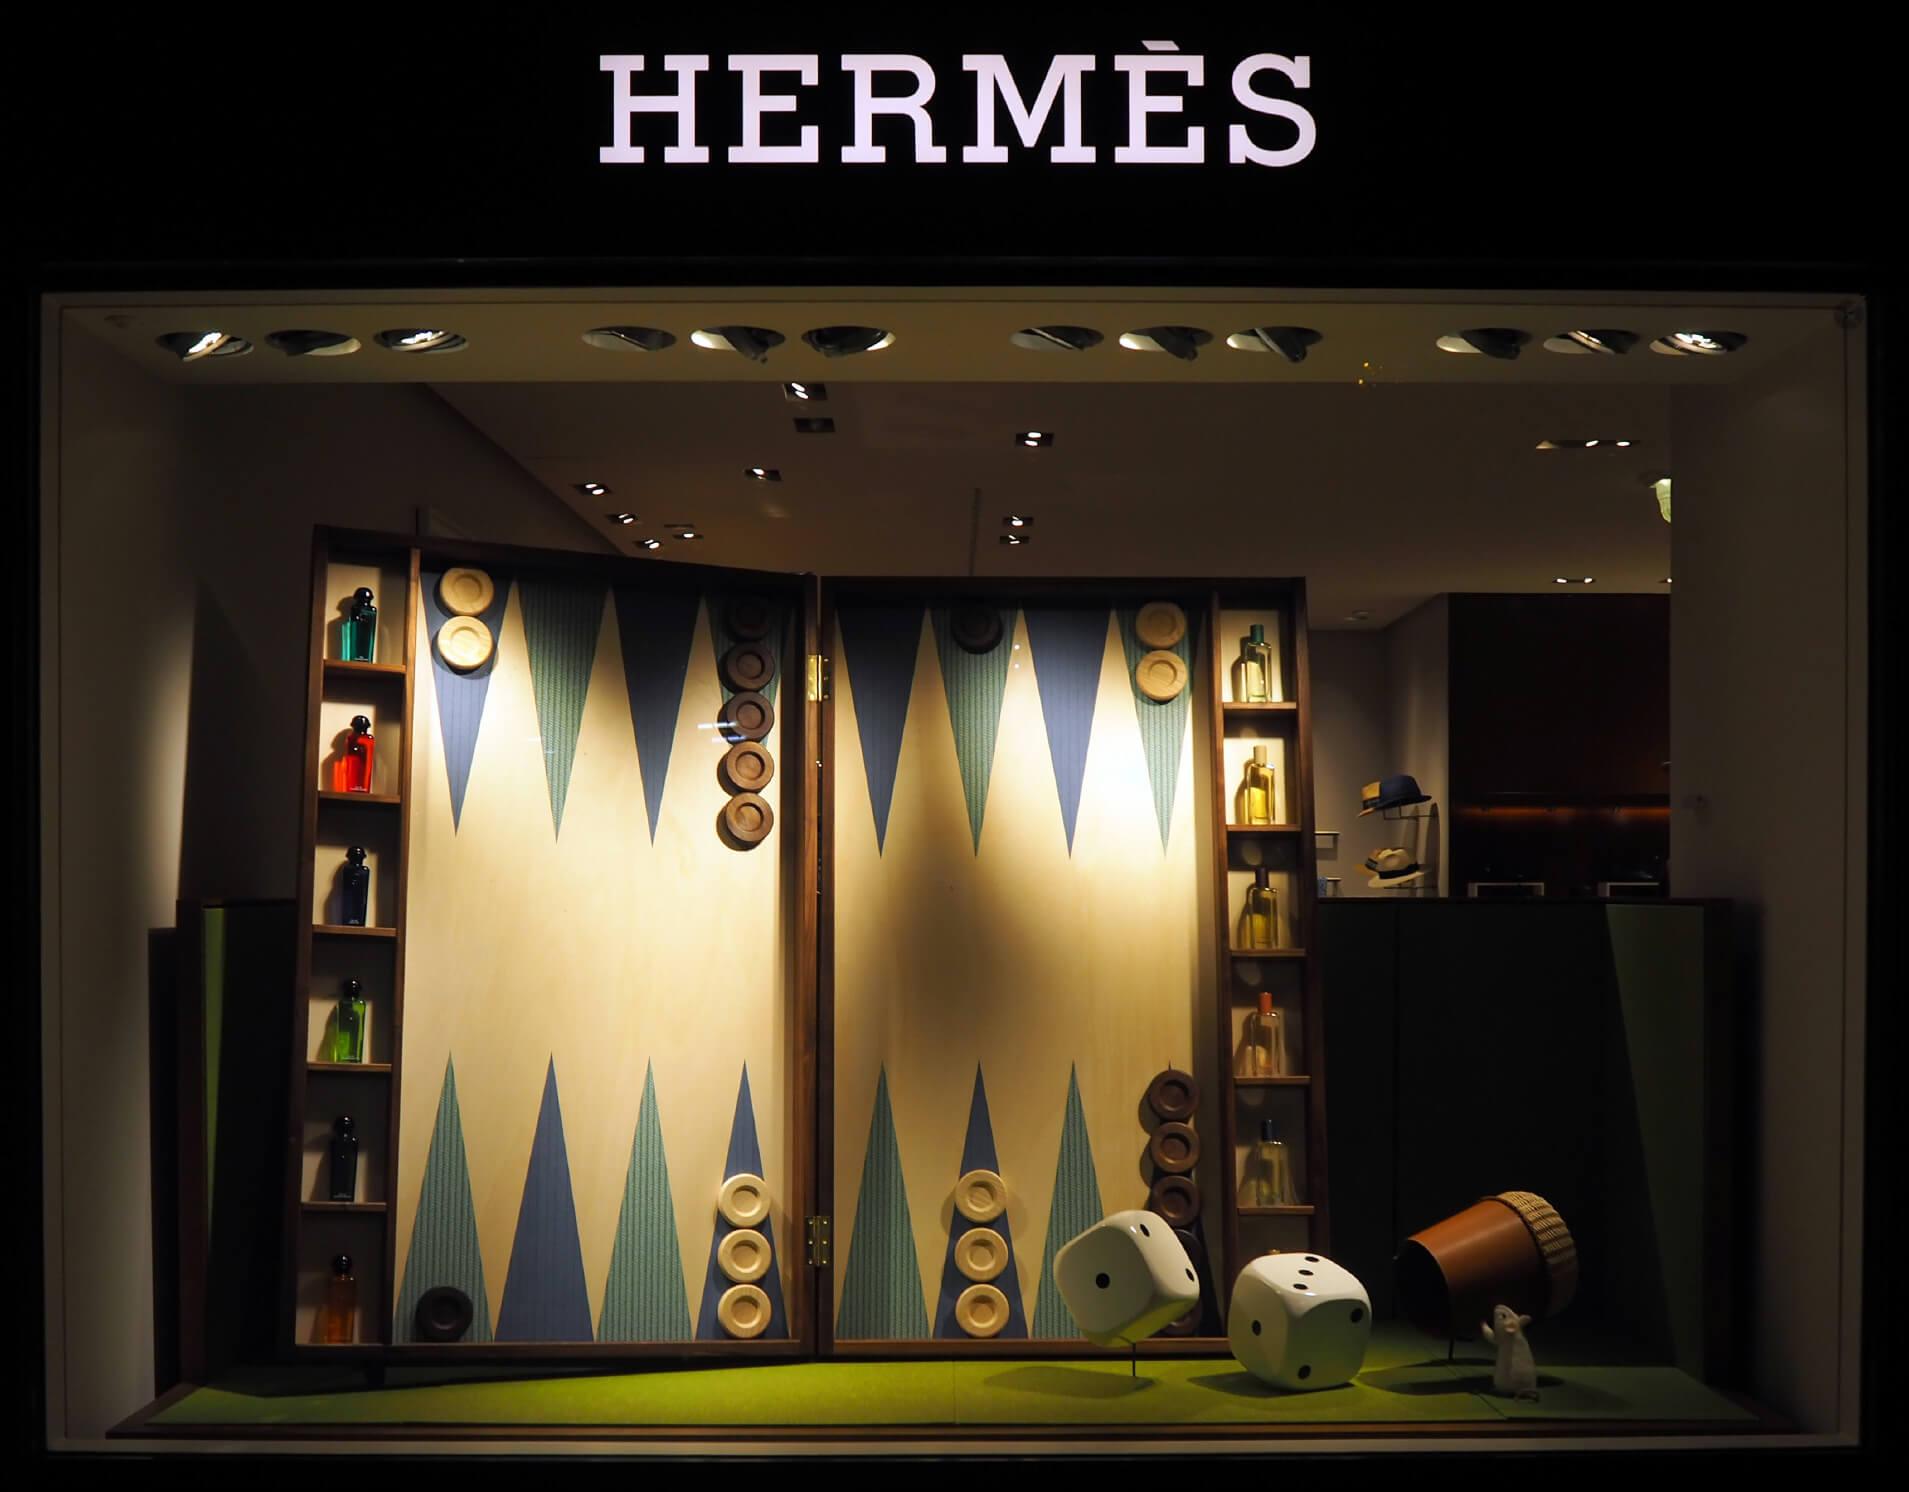 Hermes-suisse-retail-luxe-vitrine-window-display-visual-mersh-OKTO-_01